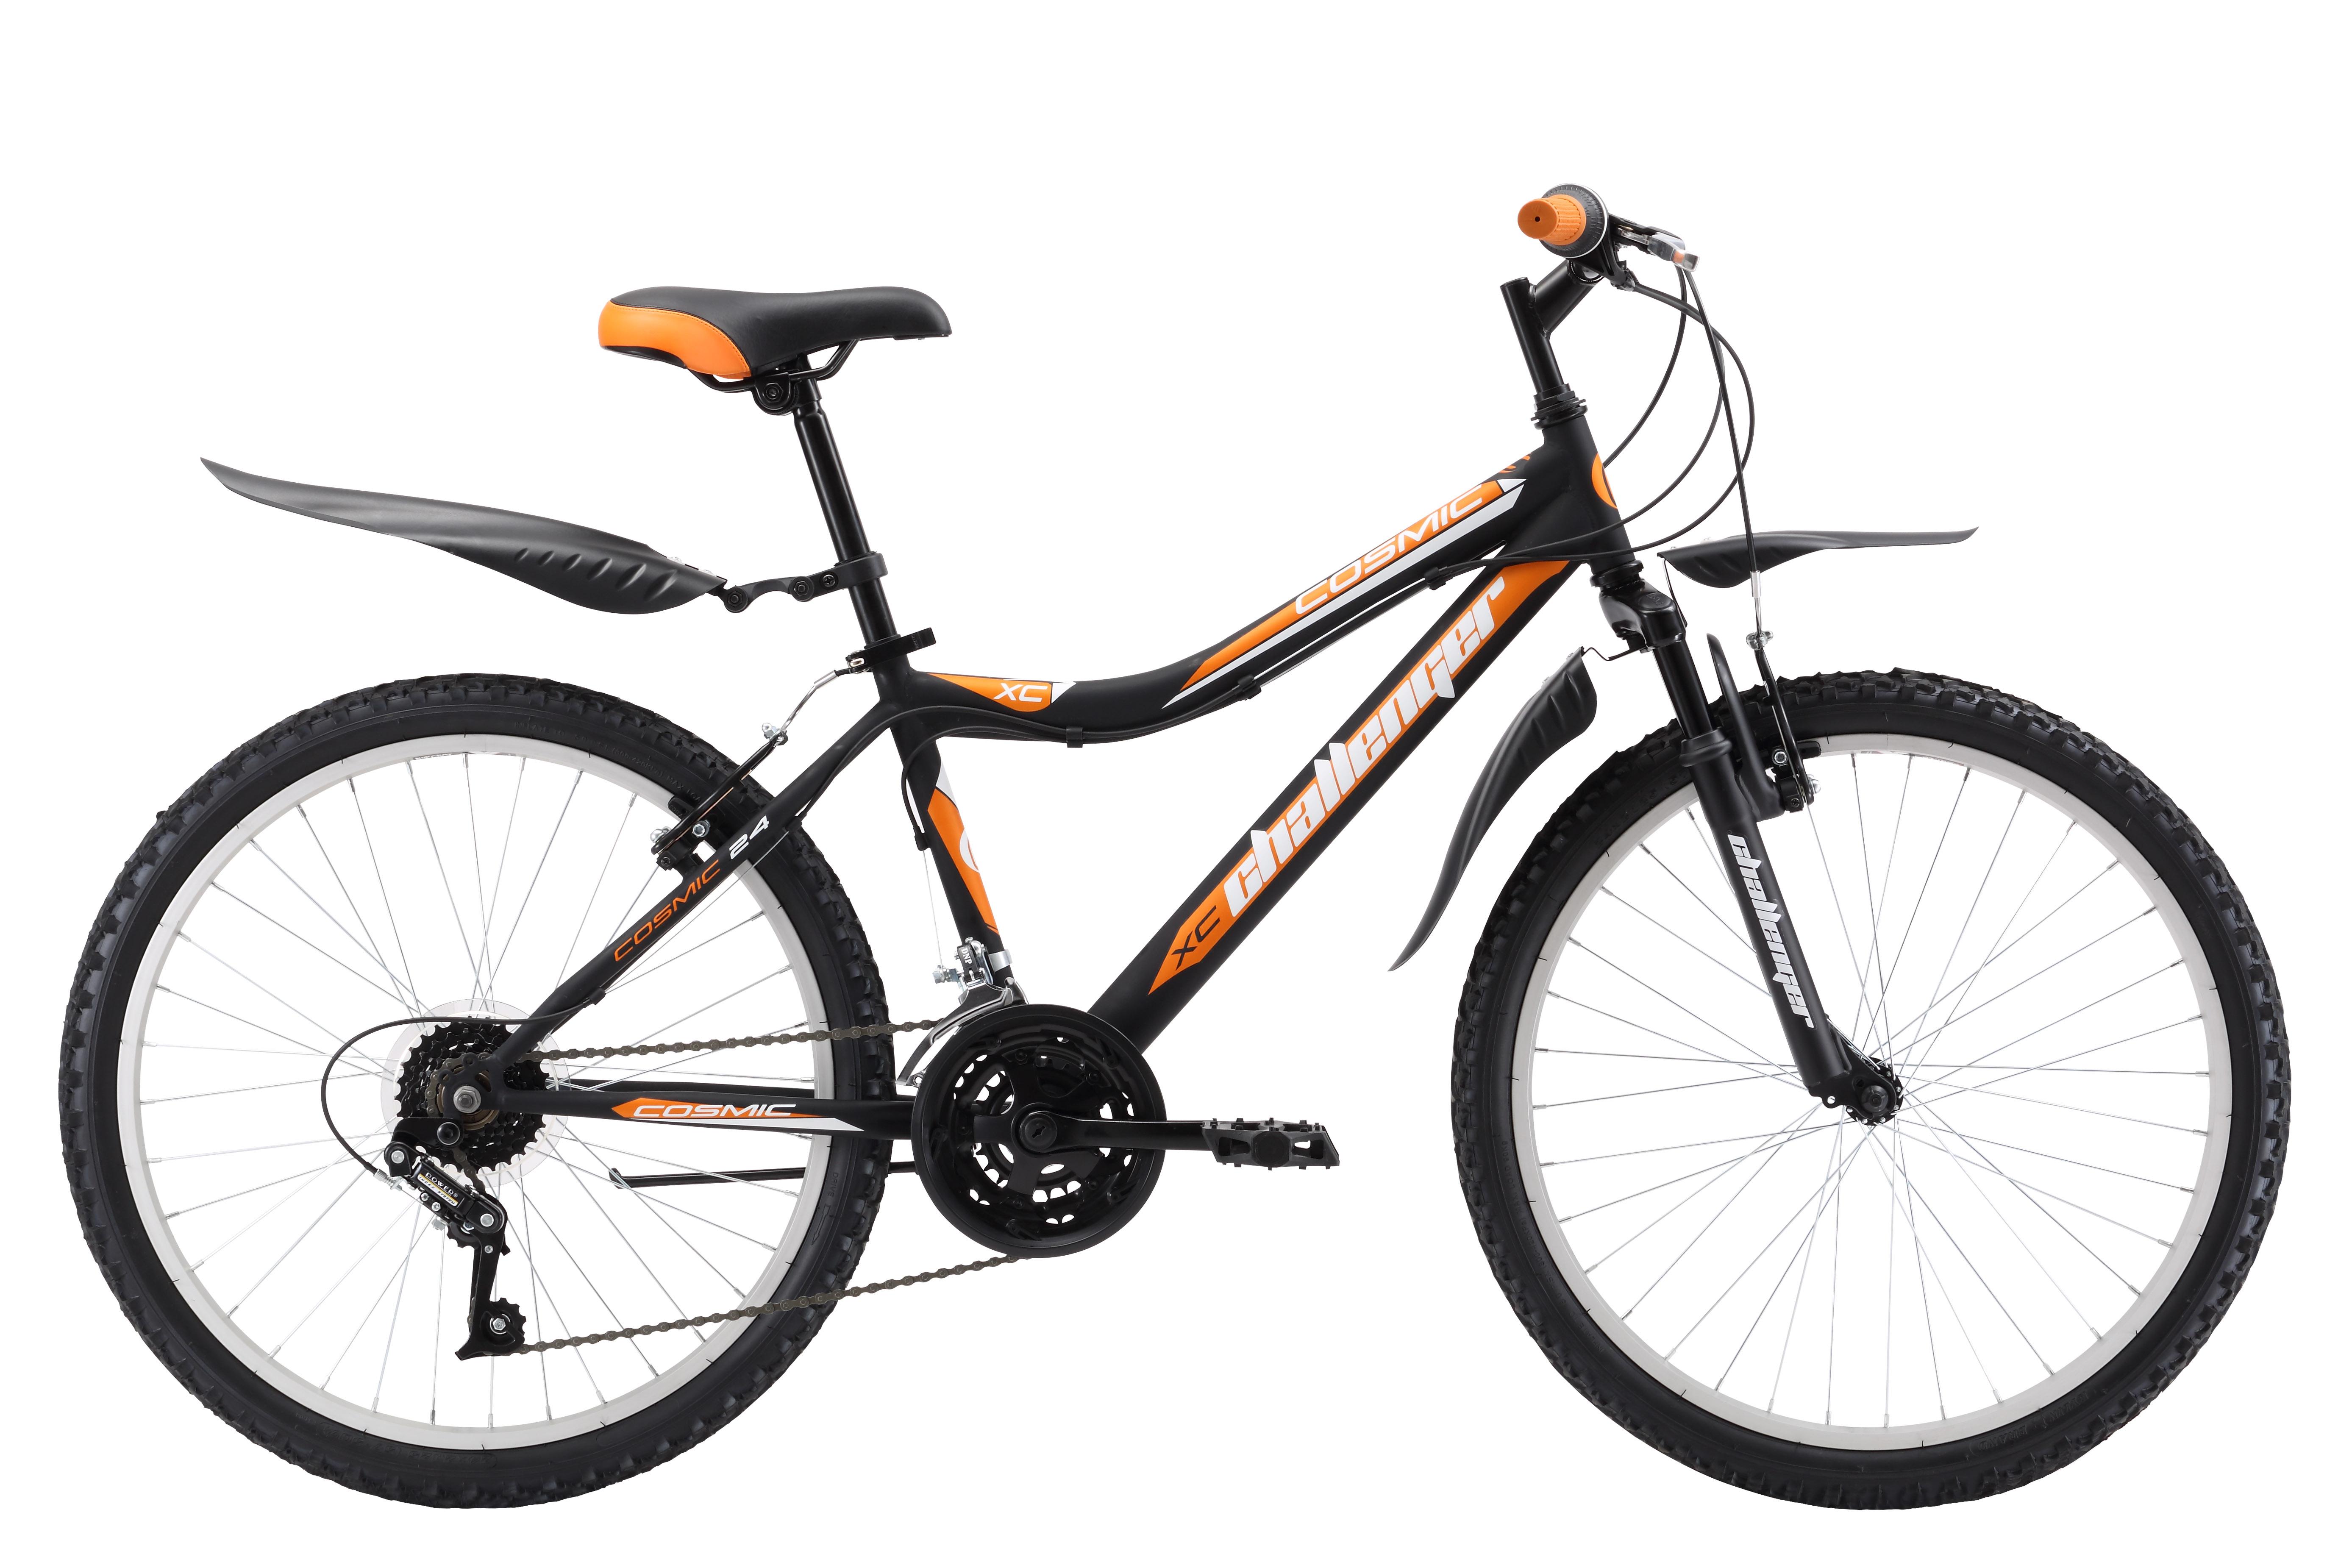 Велосипед Challenger Cosmic 24 (2017) черно-оранжевый 13ОТ 9 ДО 13 ЛЕТ (24-26 ДЮЙМОВ)<br>Подростковый велосипед Challenger Cosmic 24 , собранный на стальной раме, отлично подходит для катания на природе и в черте города. Размер велосипеда подходит юношам, имеющим рост 127-155 см. 24 дюймовые колёса оснащены усиленными ободами. Амортизационная вилка передней подвески хорошо гасит толчки от дорожного покрытия, тем самым снимая нагрузку с рук. Трансмиссия велосипеда имеет 18 скоростей. Ободные тормоза типа V-brake удобны и просты в обслуживании. Для комфортного использования, подростковый велосипед Challenger Cosmic 24 укомплектован подножкой и крыльями.<br><br>бренд: CHALLENGER<br>год: 2017<br>рама: Сталь (Hi-Ten)<br>вилка: Амортизационная (пружина)<br>блокировка амортизатора: None<br>диаметр колес: 24<br>тормоза: Ободные (V-brake)<br>уровень оборудования: Начальный<br>количество скоростей: 18<br>Цвет: черно-оранжевый<br>Размер: 13